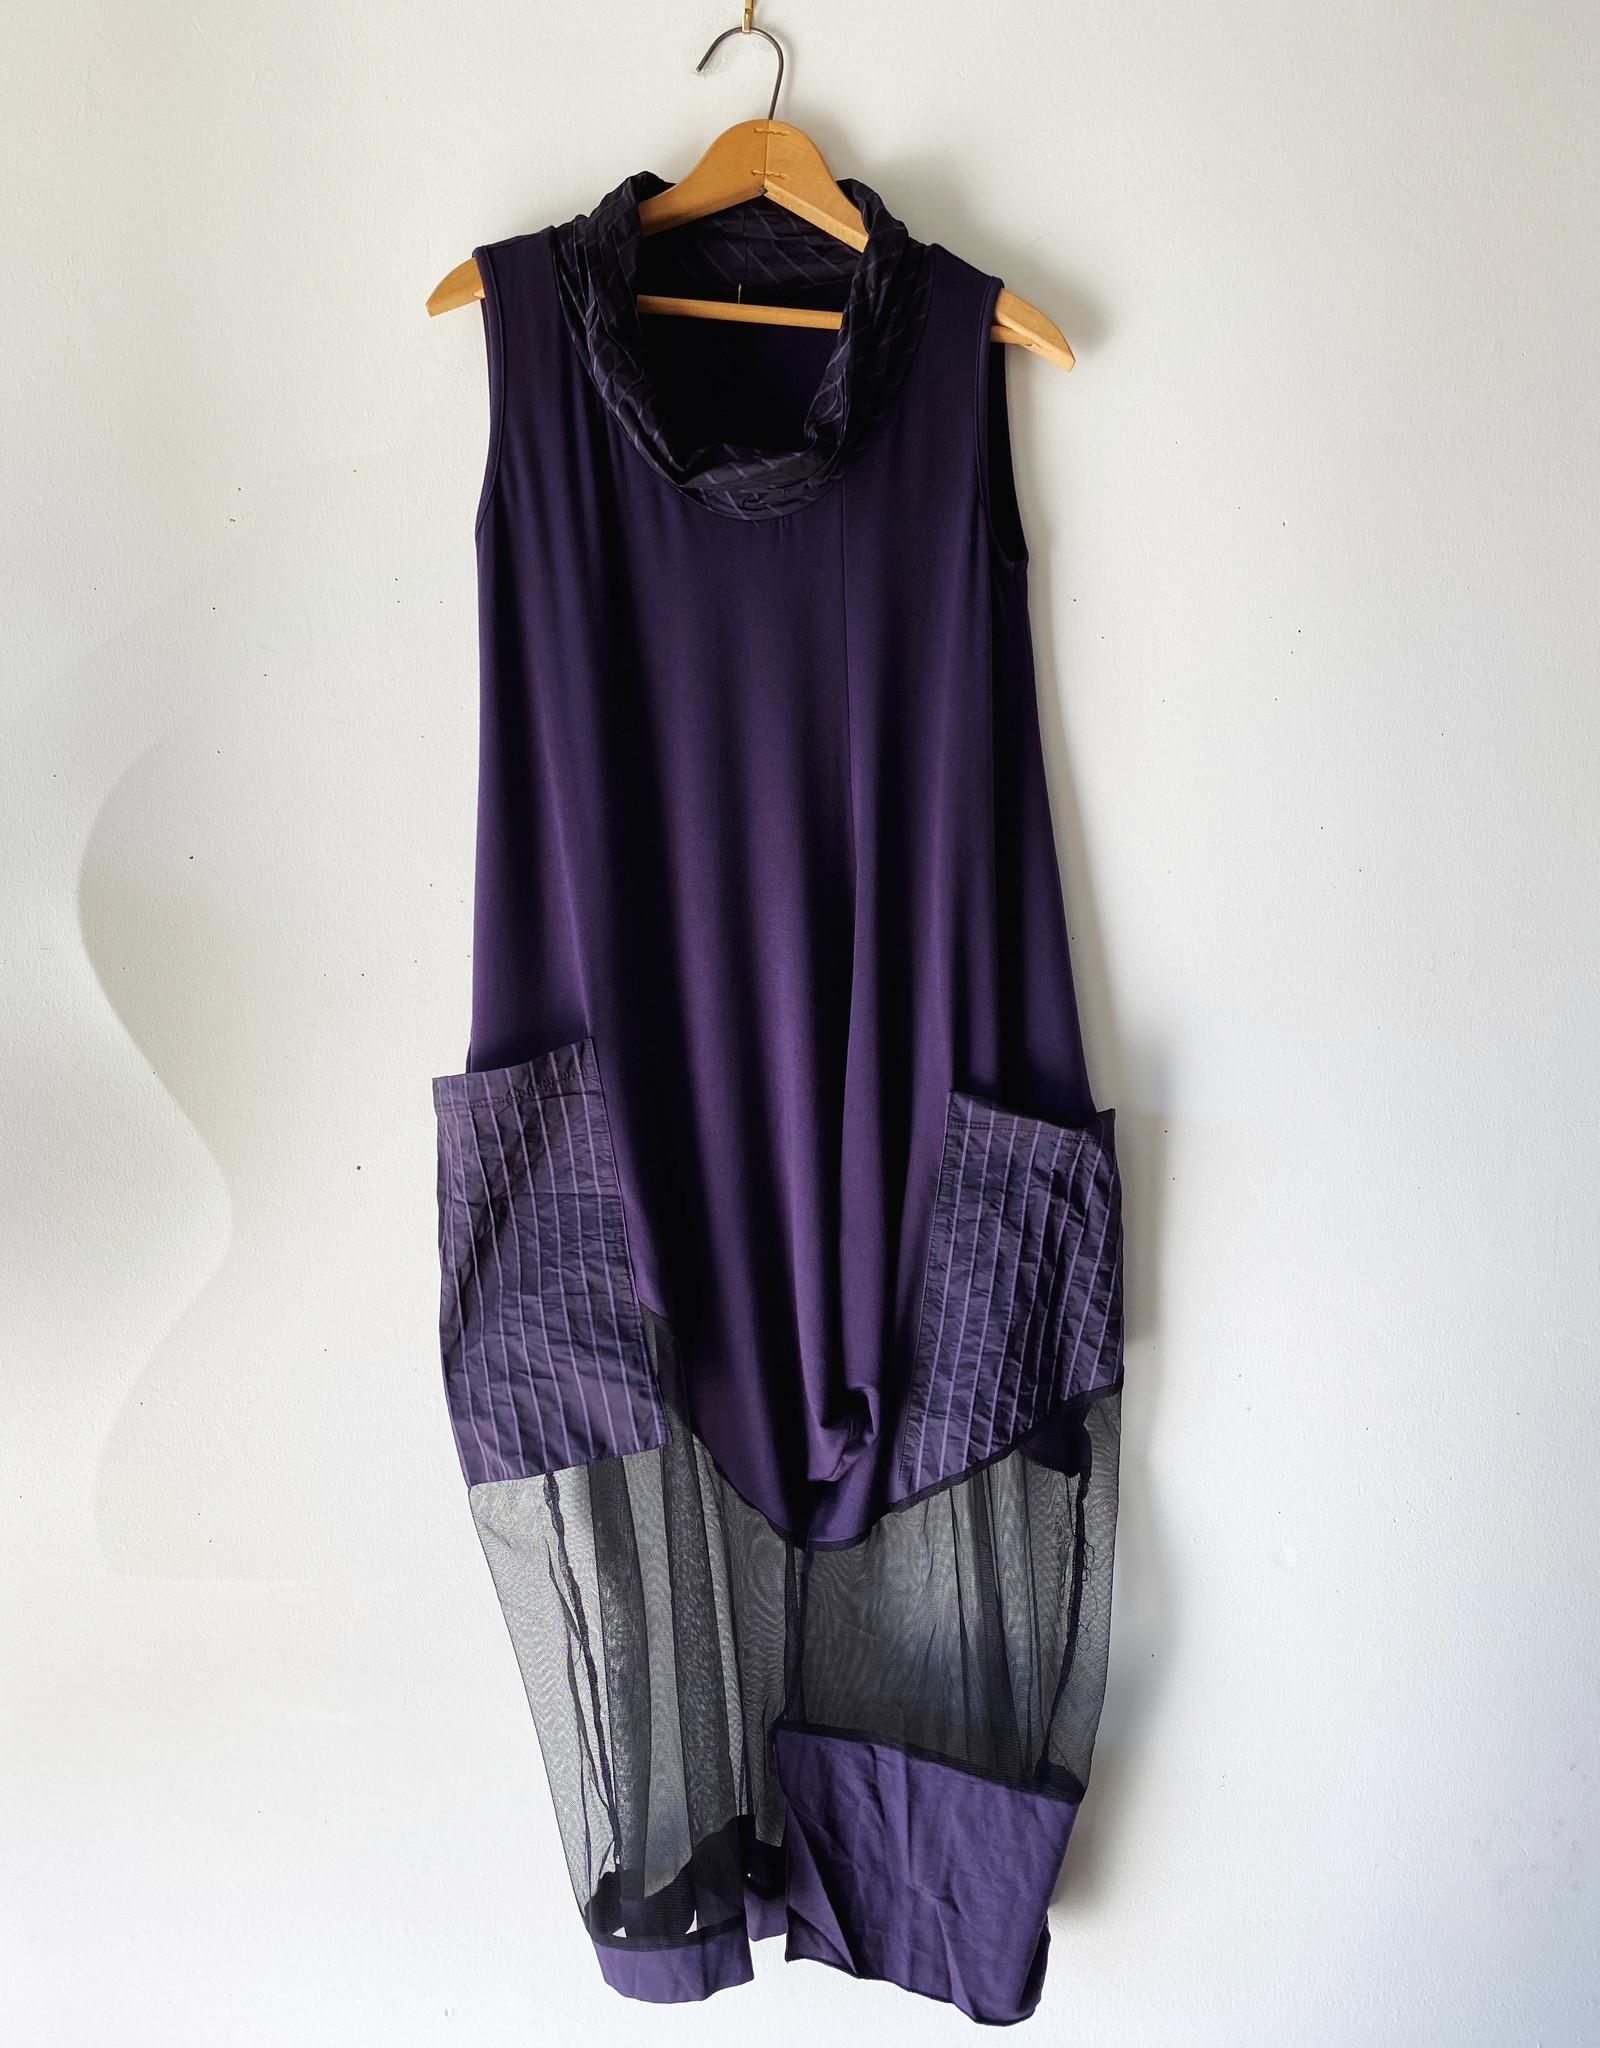 LUUKAA LUUKAA DRESS 20K503